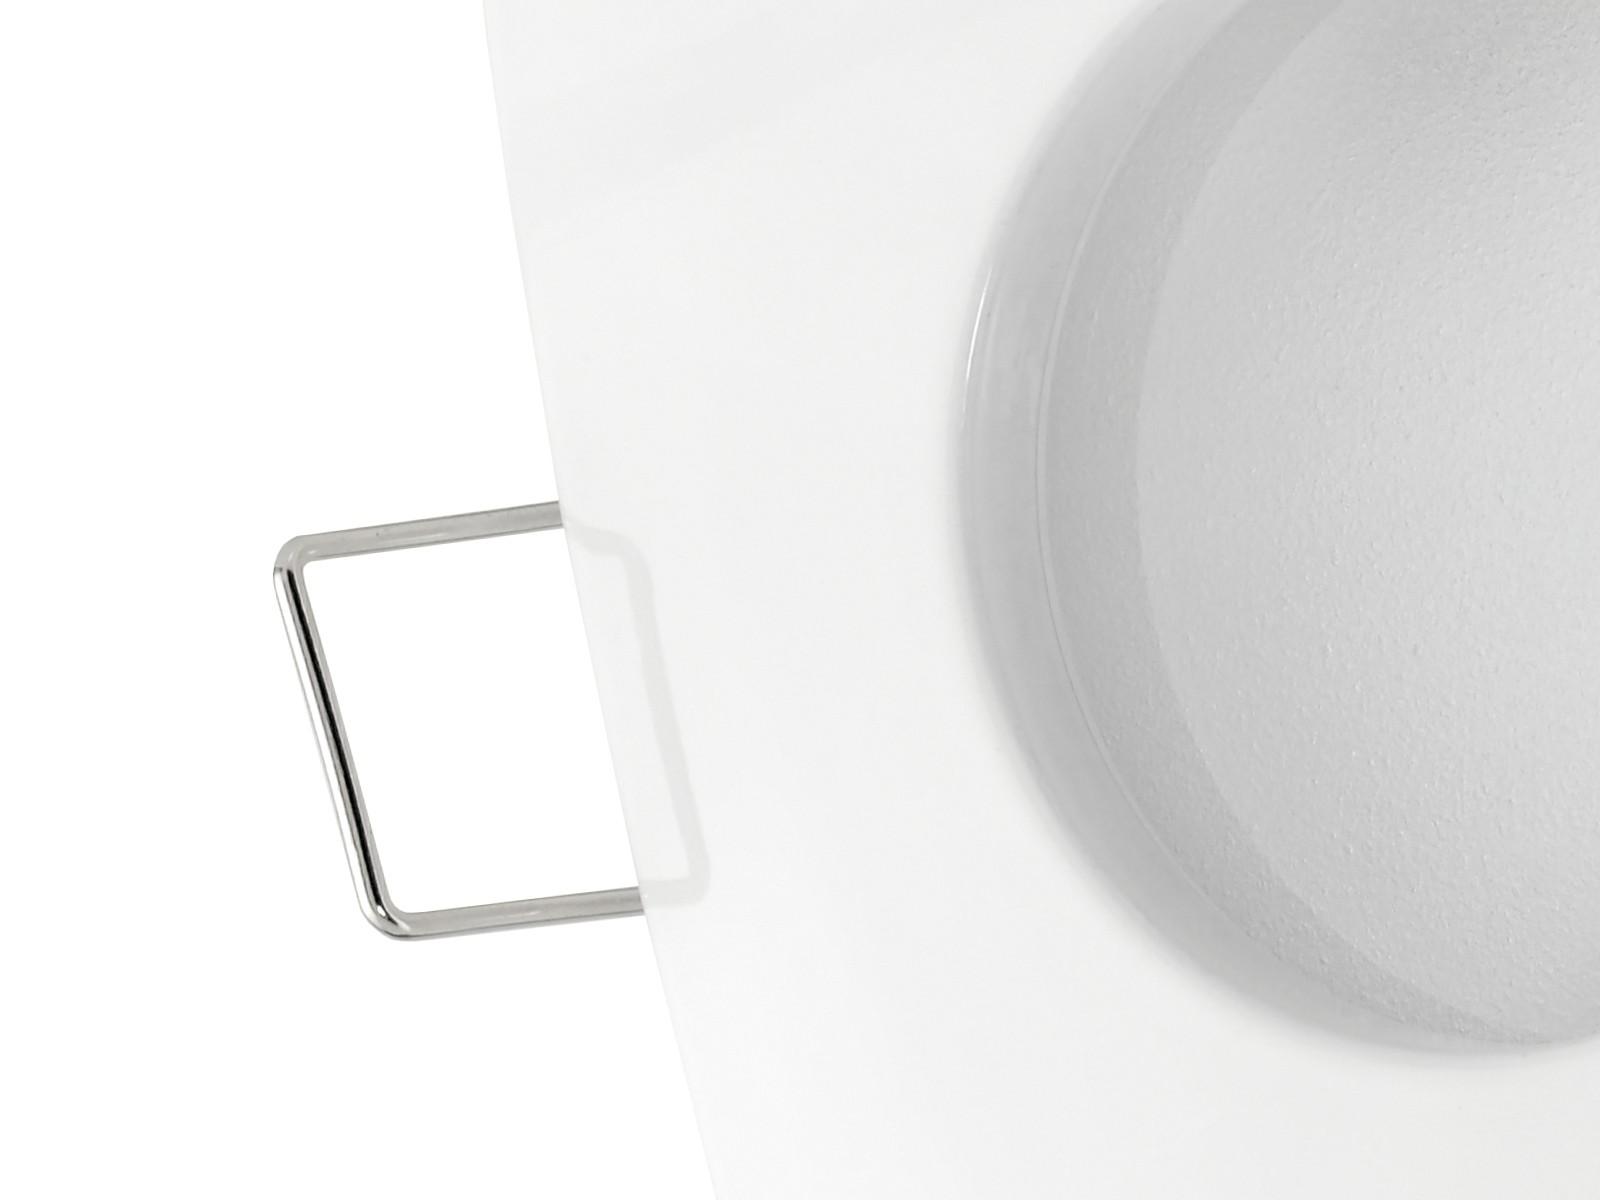 qw 1 feuchtraum led einbaustrahler bad einbauleuchte weiss. Black Bedroom Furniture Sets. Home Design Ideas